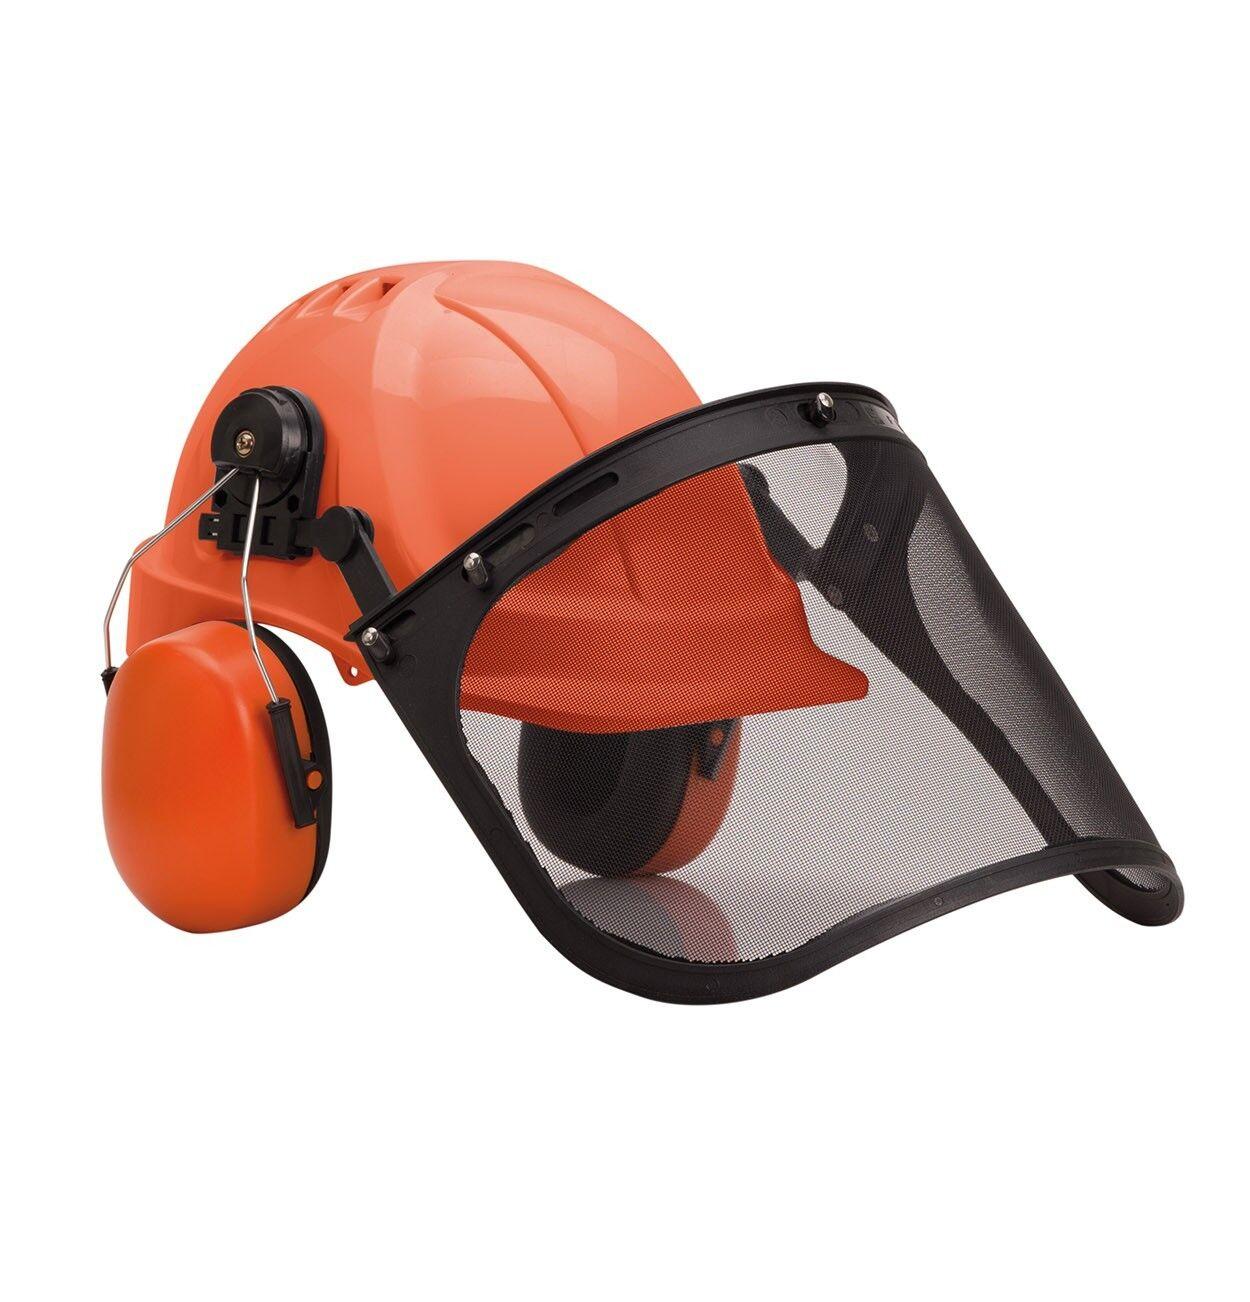 Kit Forestal Combi Portwest PW98 color naranja